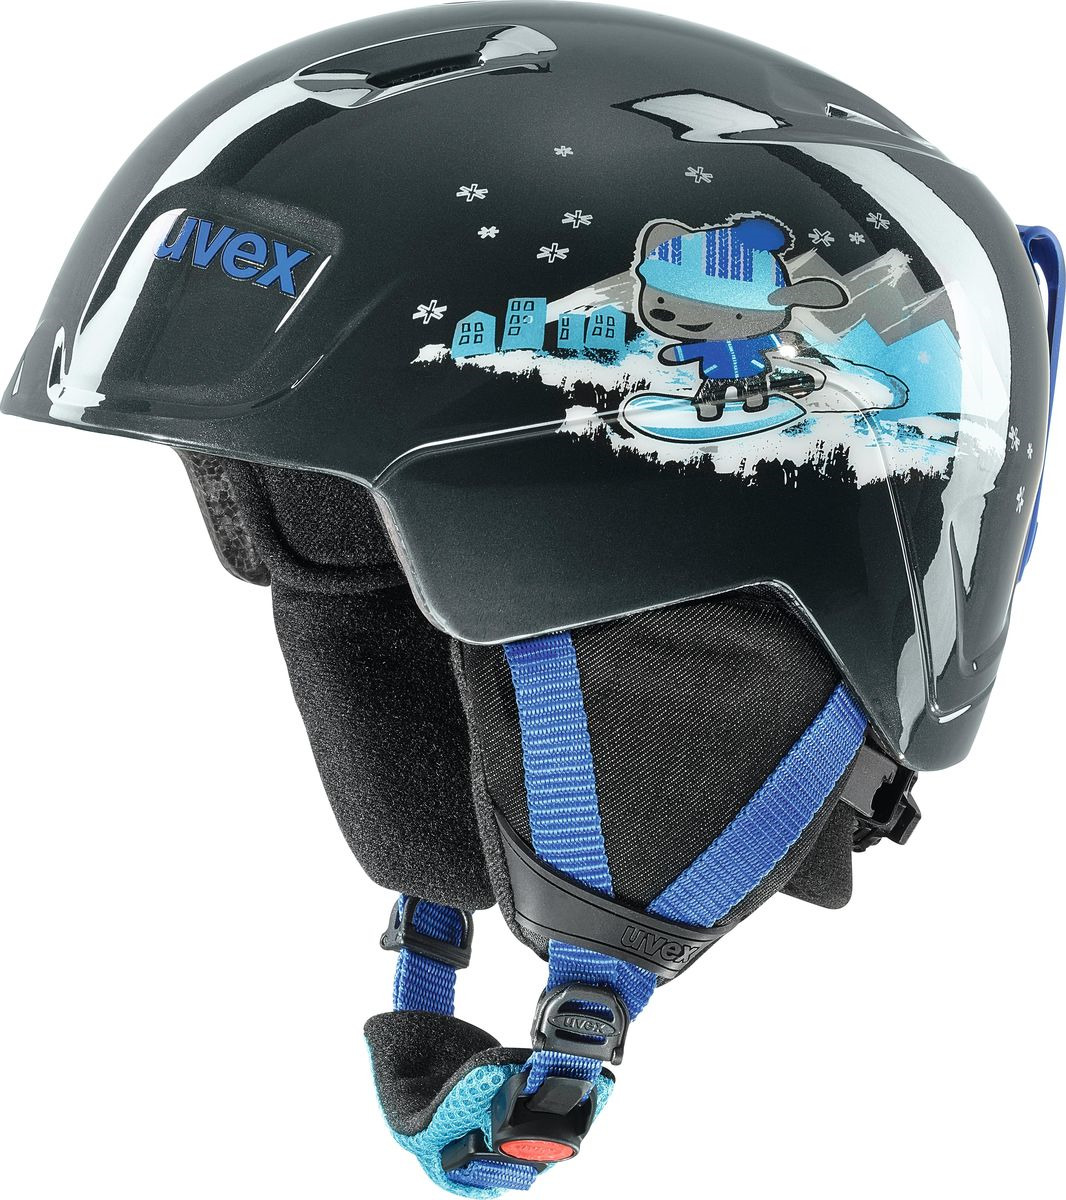 Шлем горнолыжный для мальчика Uvex Manic Kid's Helmet, 6226-20, черный. Размер 46/50 шлем горнолыжный для мальчика uvex airwing 2 kid s helmet 6132 46 синий размер xxs